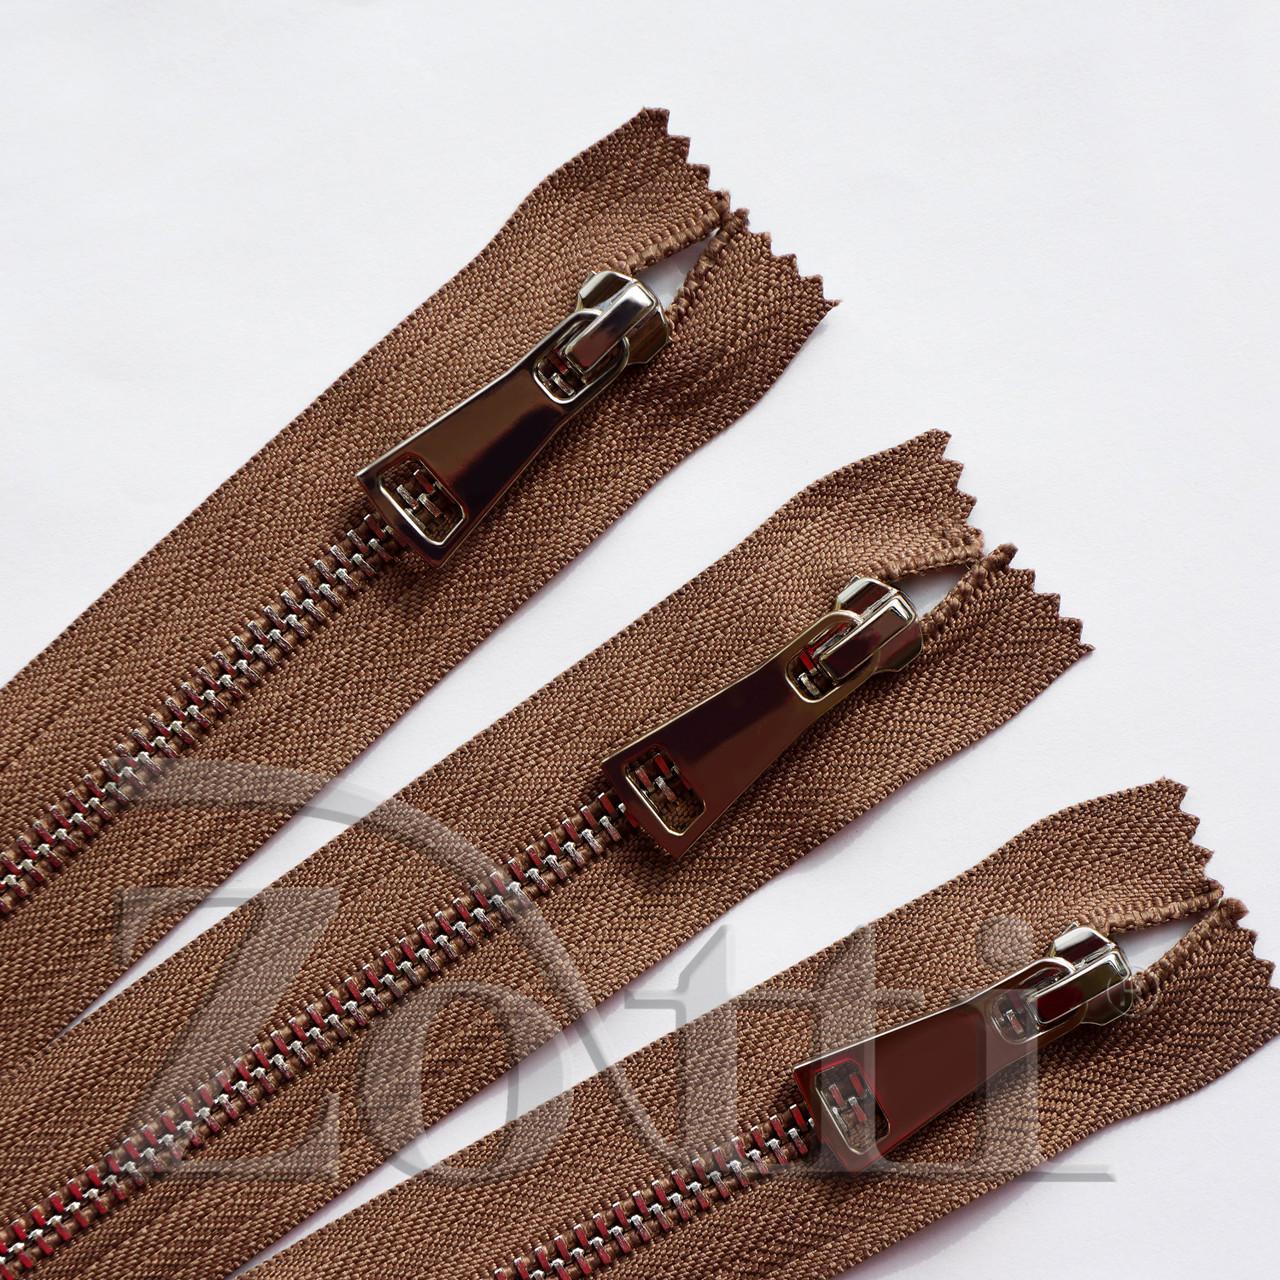 Молния (змейка,застежка) металлическая №5, размерная, обувная, коричневая, с серебряным бегунком № 115 - 10 см